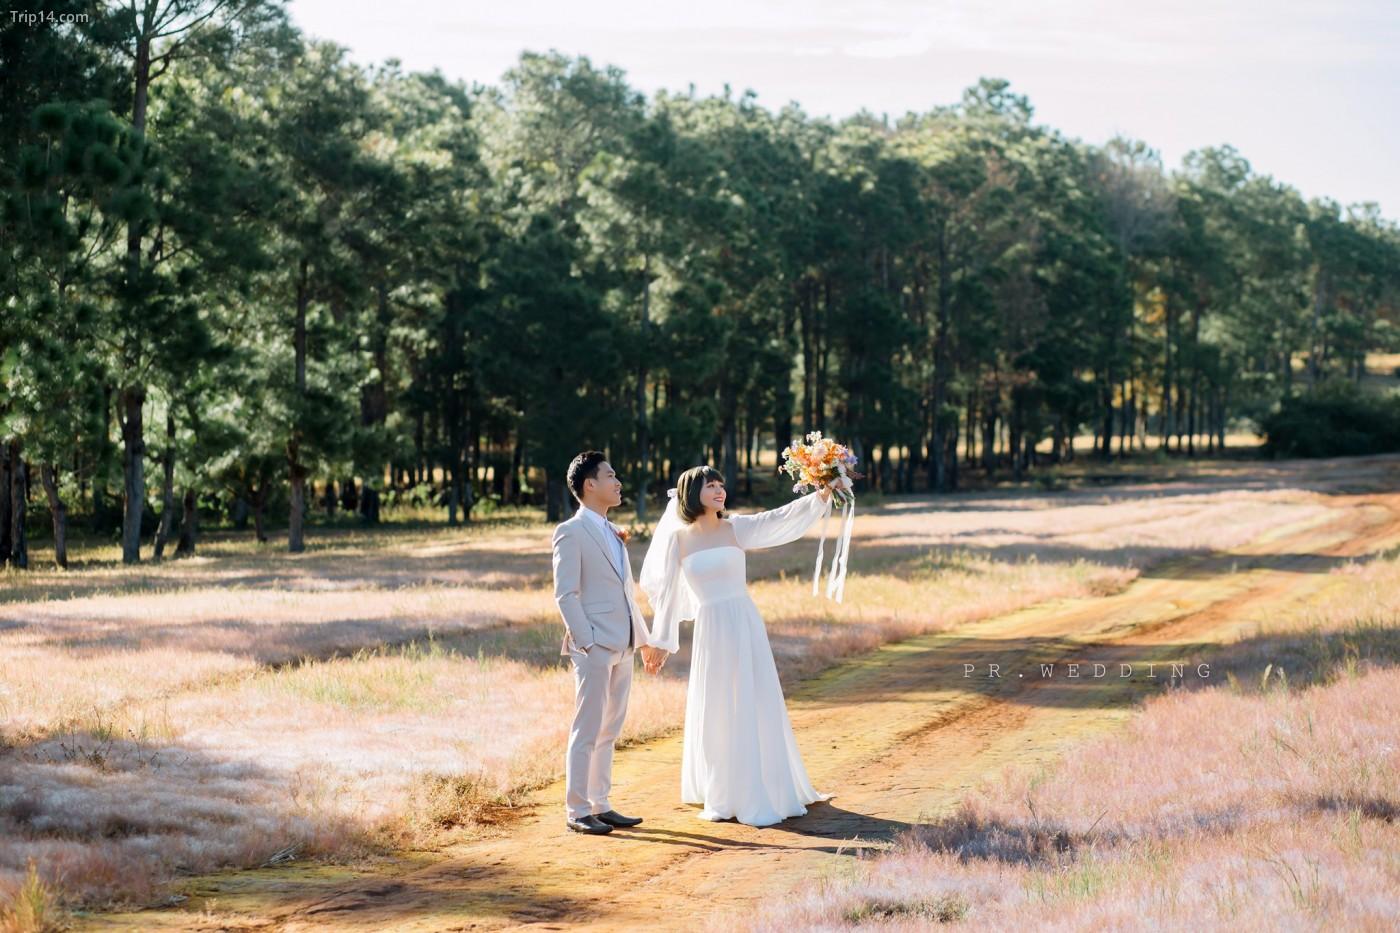 chụp ảnh cưới ở Gia Lai